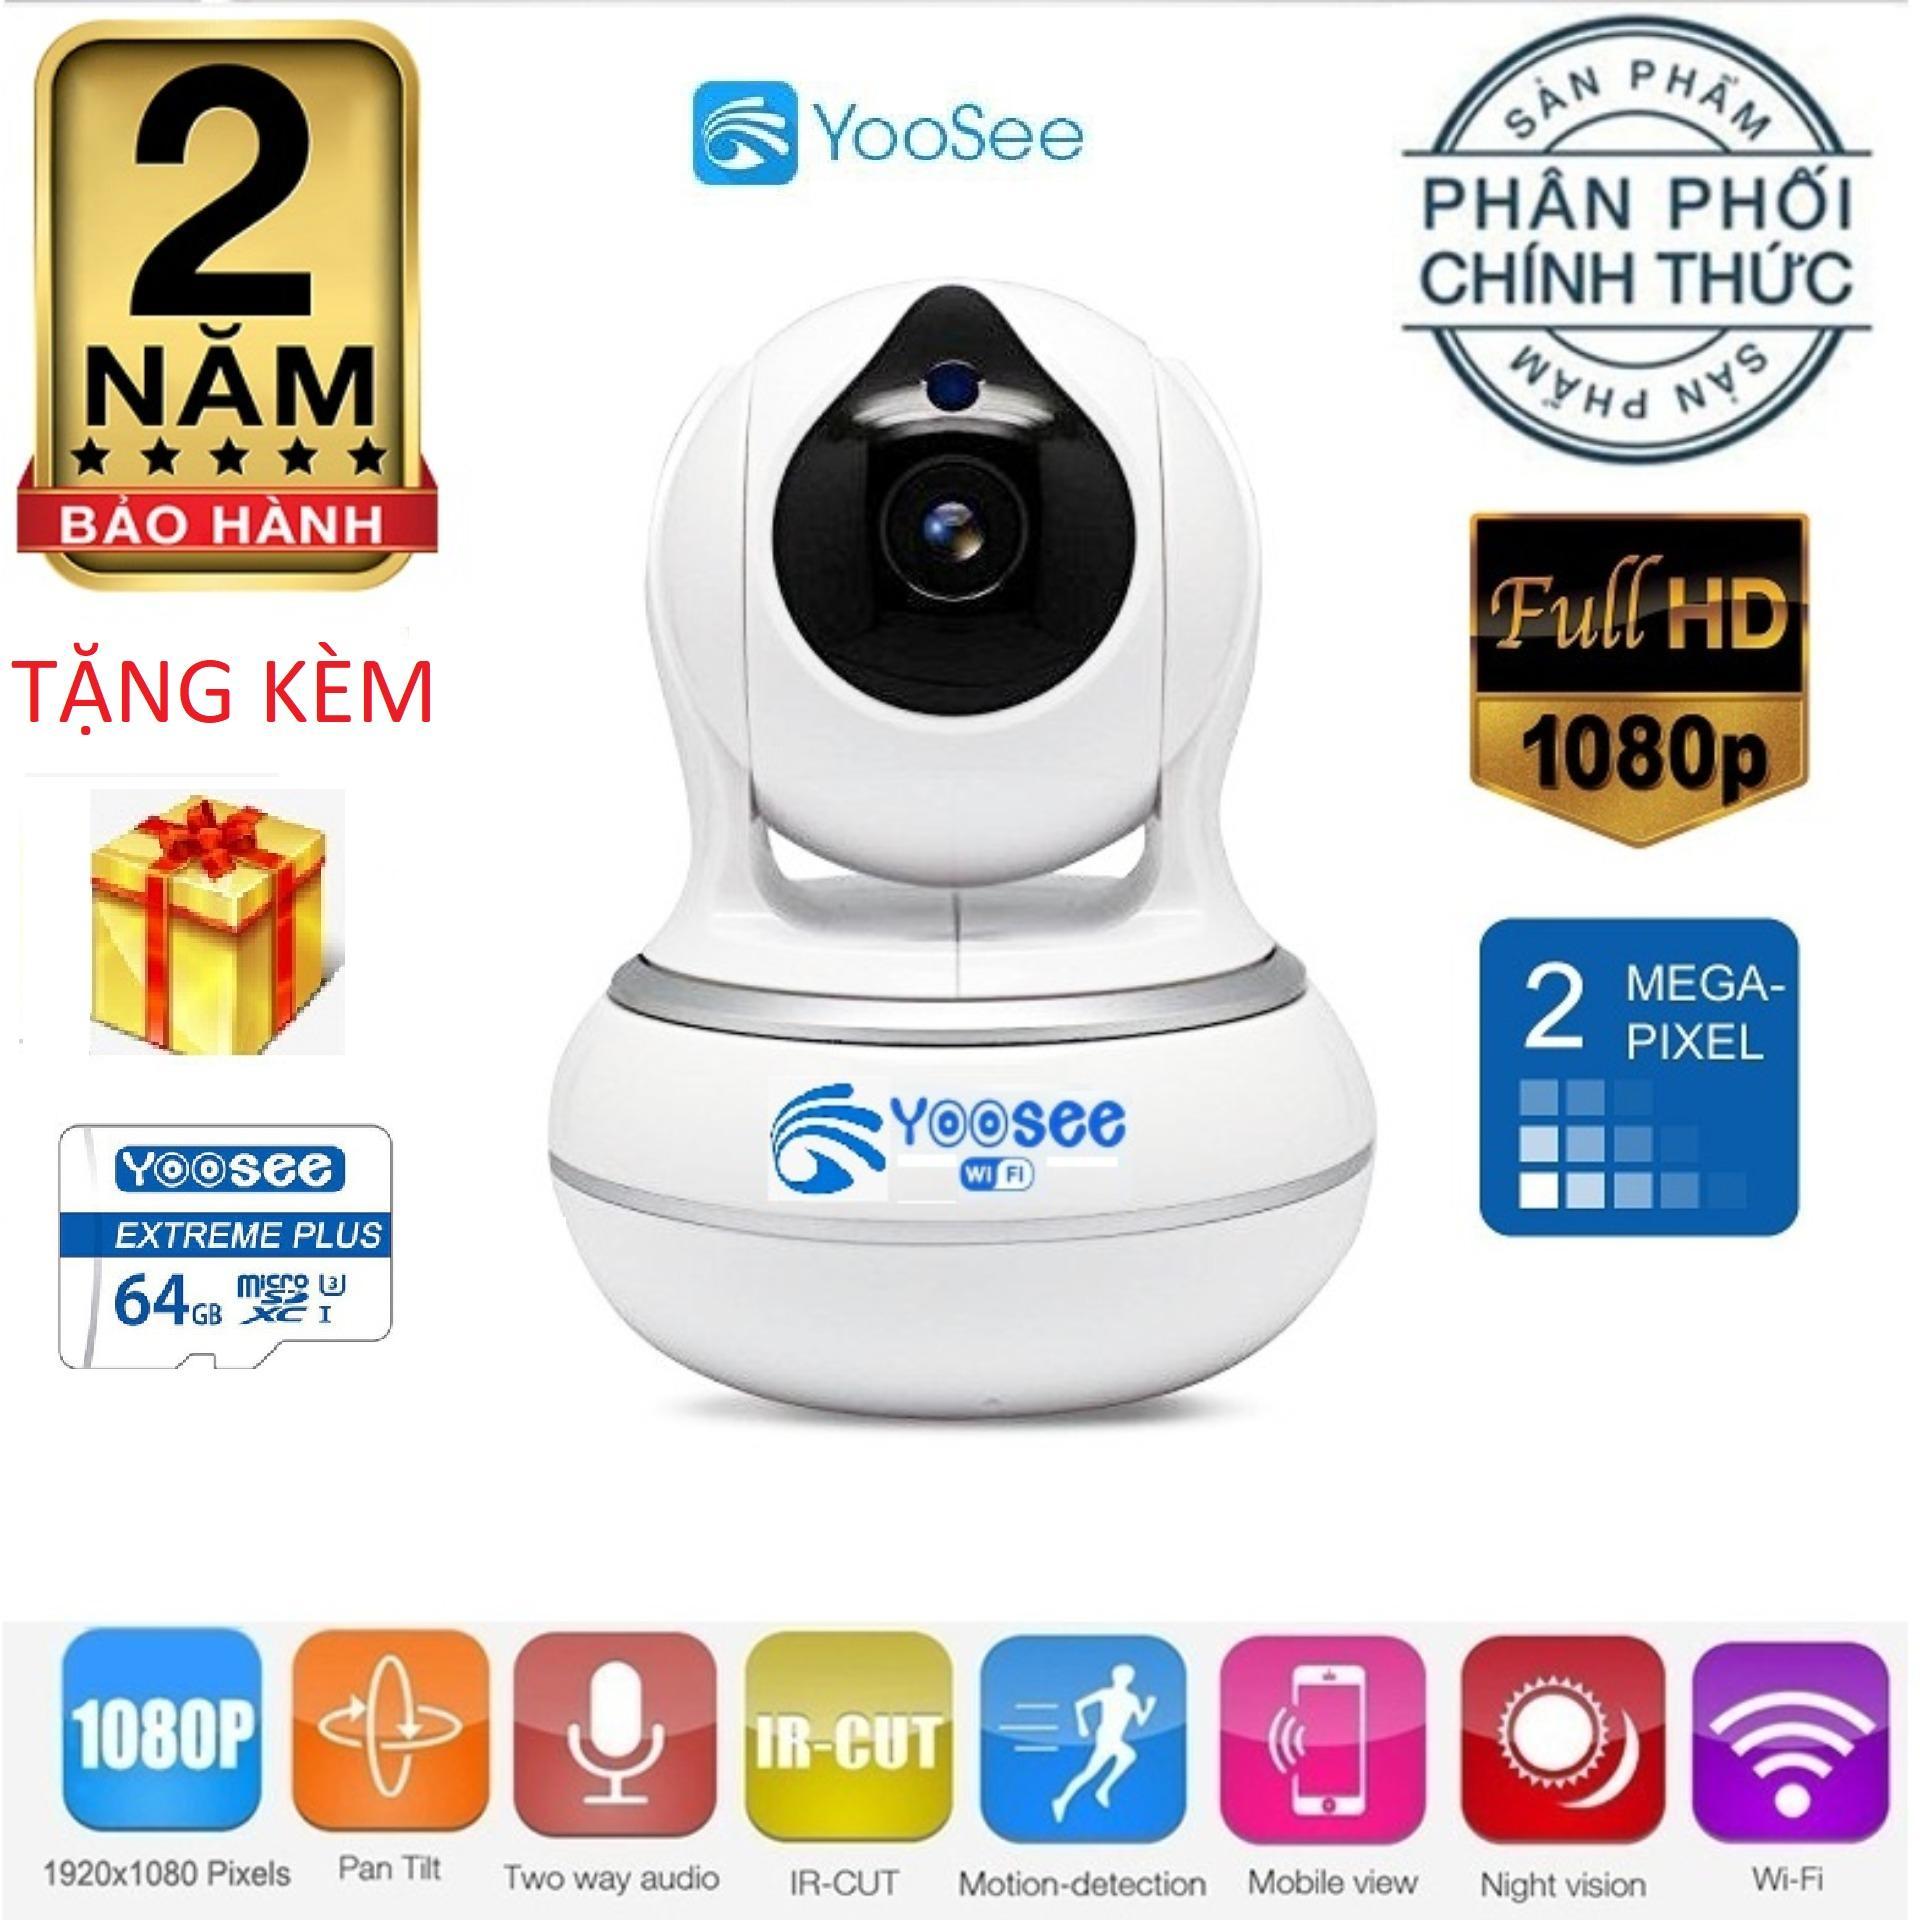 (Bảo hành 24 tháng,Tặng kèm thẻ yoosee 64GB Xịn ) Camera wifi ipYoosee 720x1080 Pixel AI- AI 2019 - Bản Nâng Cấp,camera chống trộm,lưu trữ video